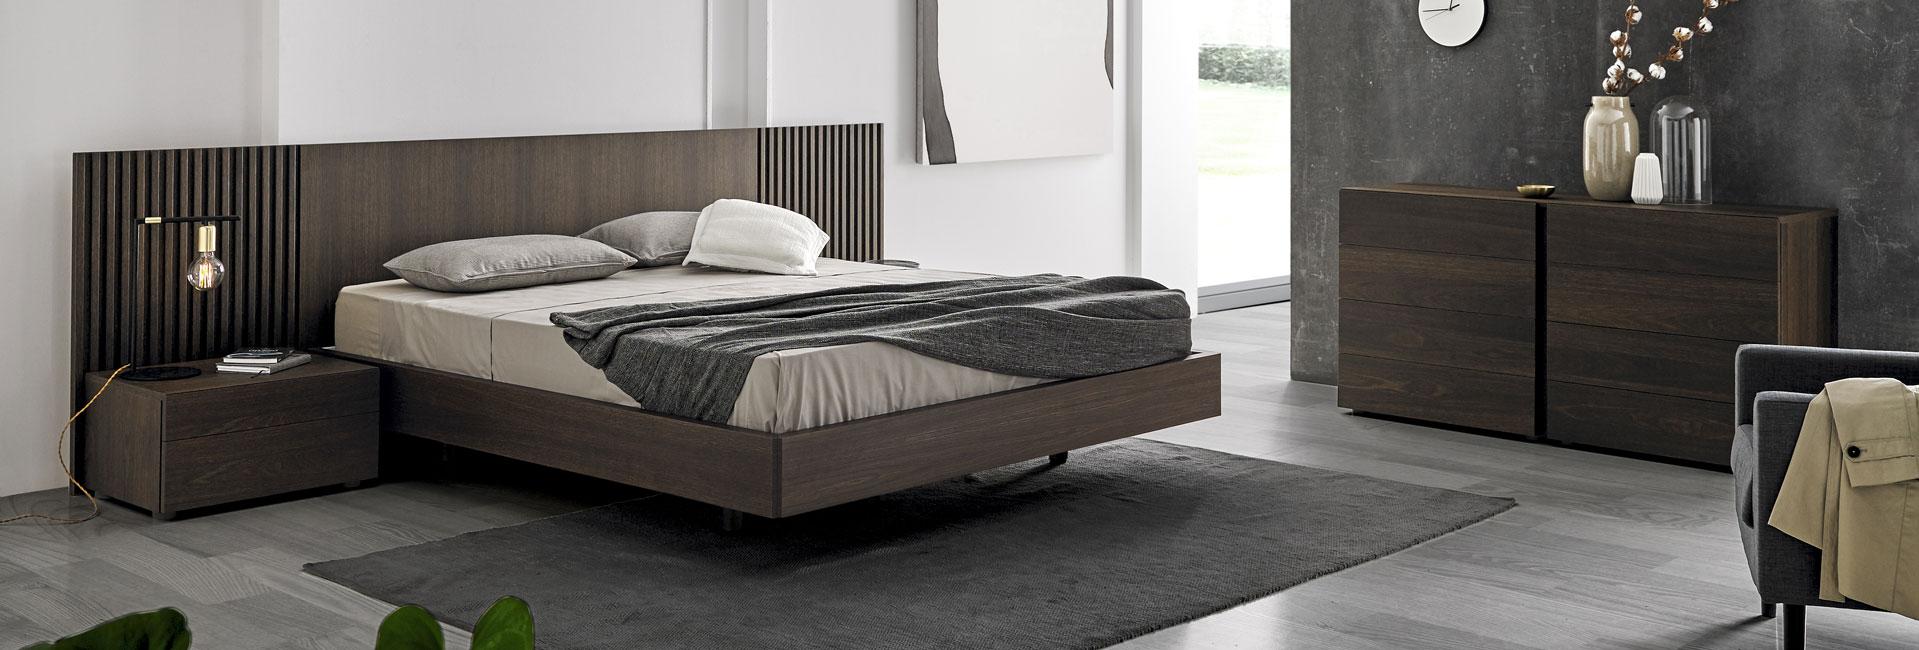 meubles notan des lits design au